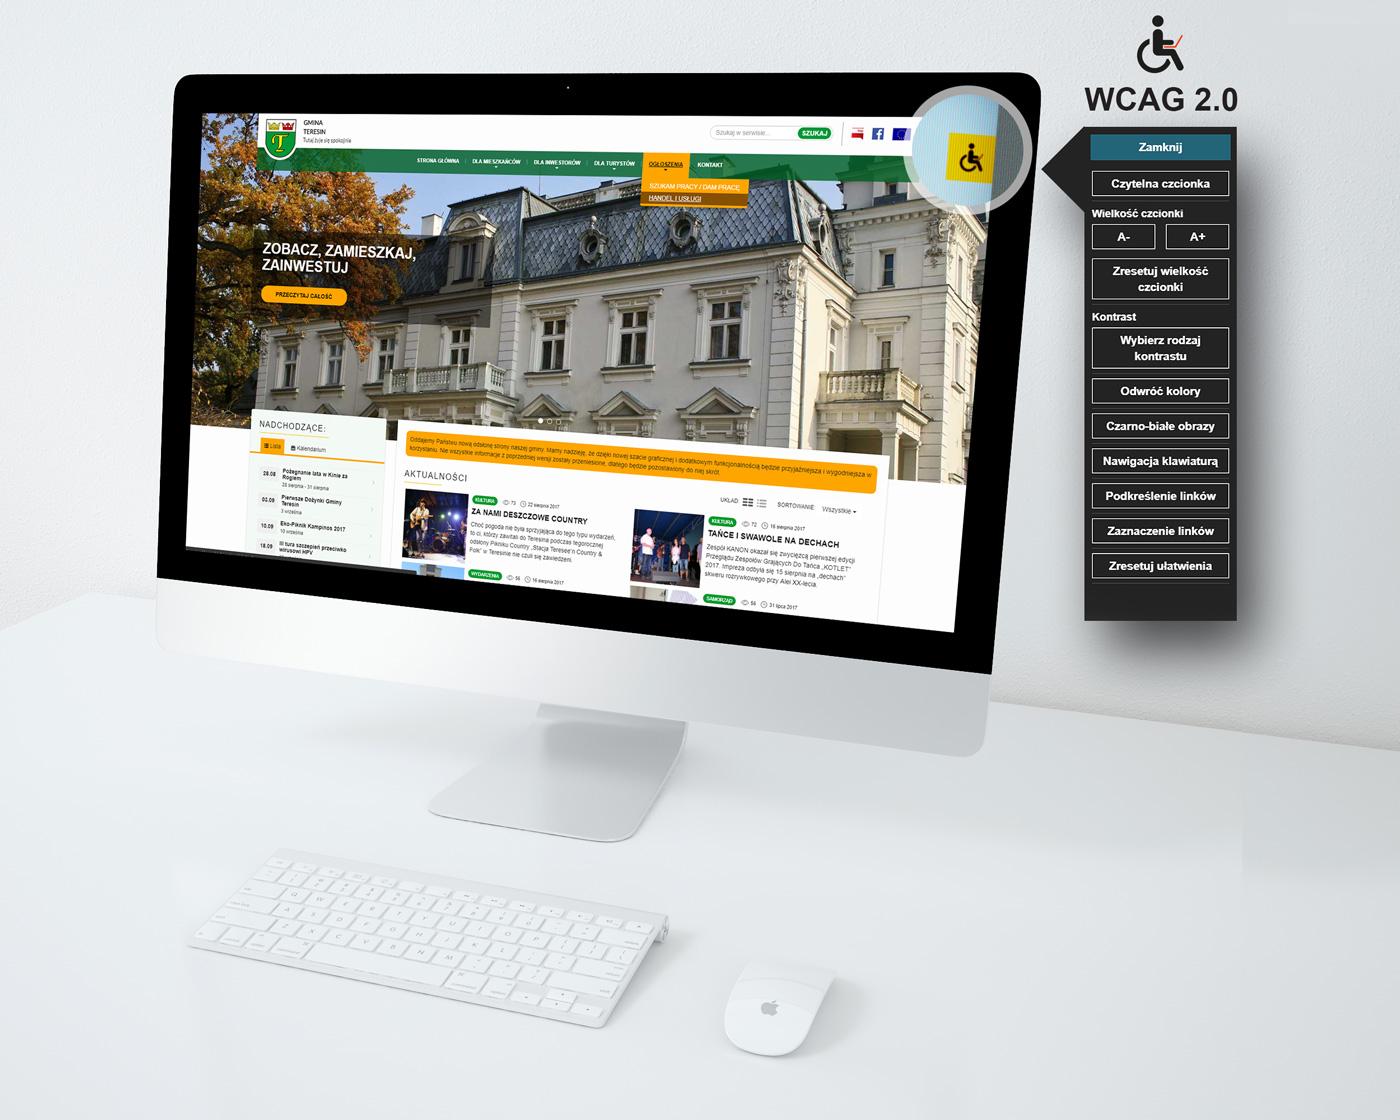 Gmina Teresin - serwis internetowy dla miast i gmin ze wsparciem WCAG 2.0 oraz RWD